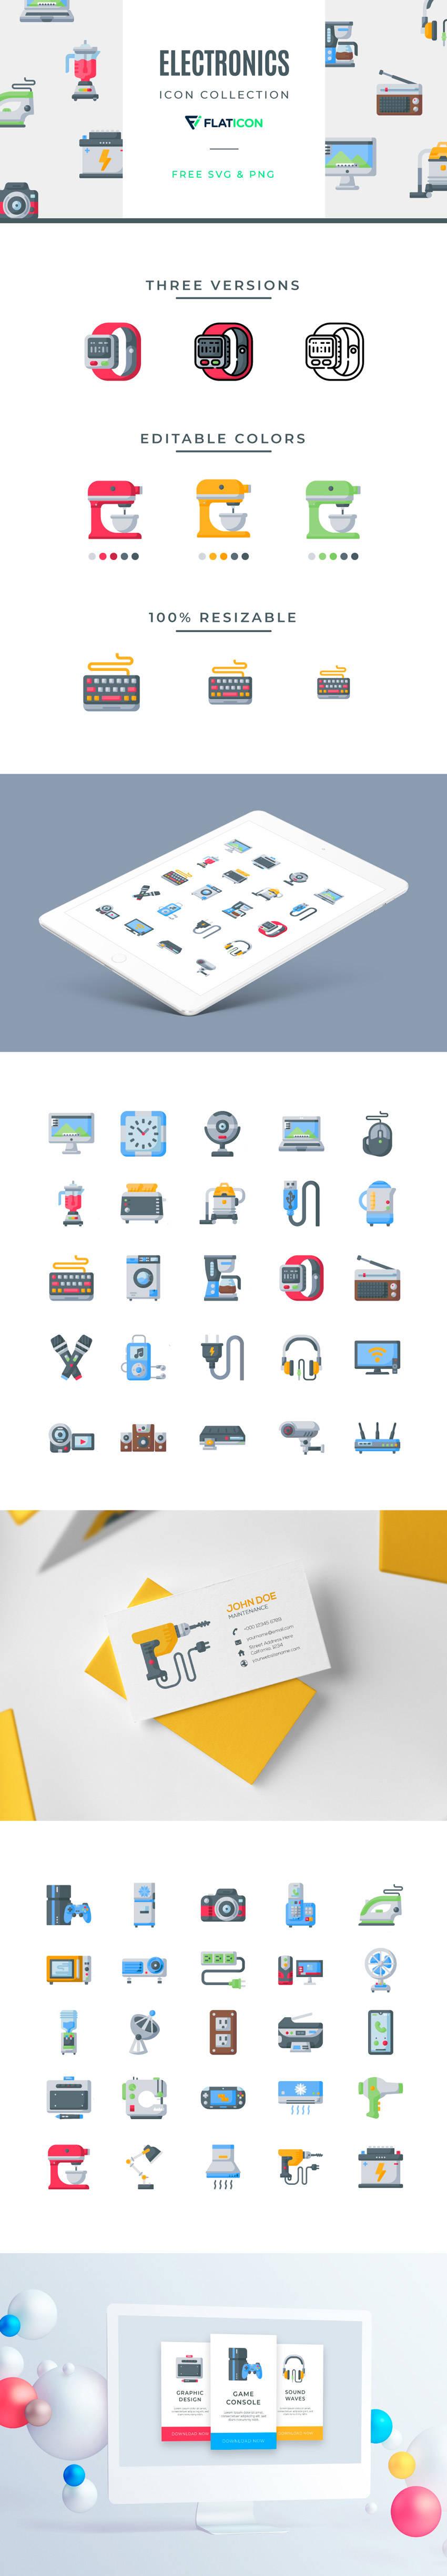 Free Electronics Vector Icons (.Png + .Svg) скачать бесплатно